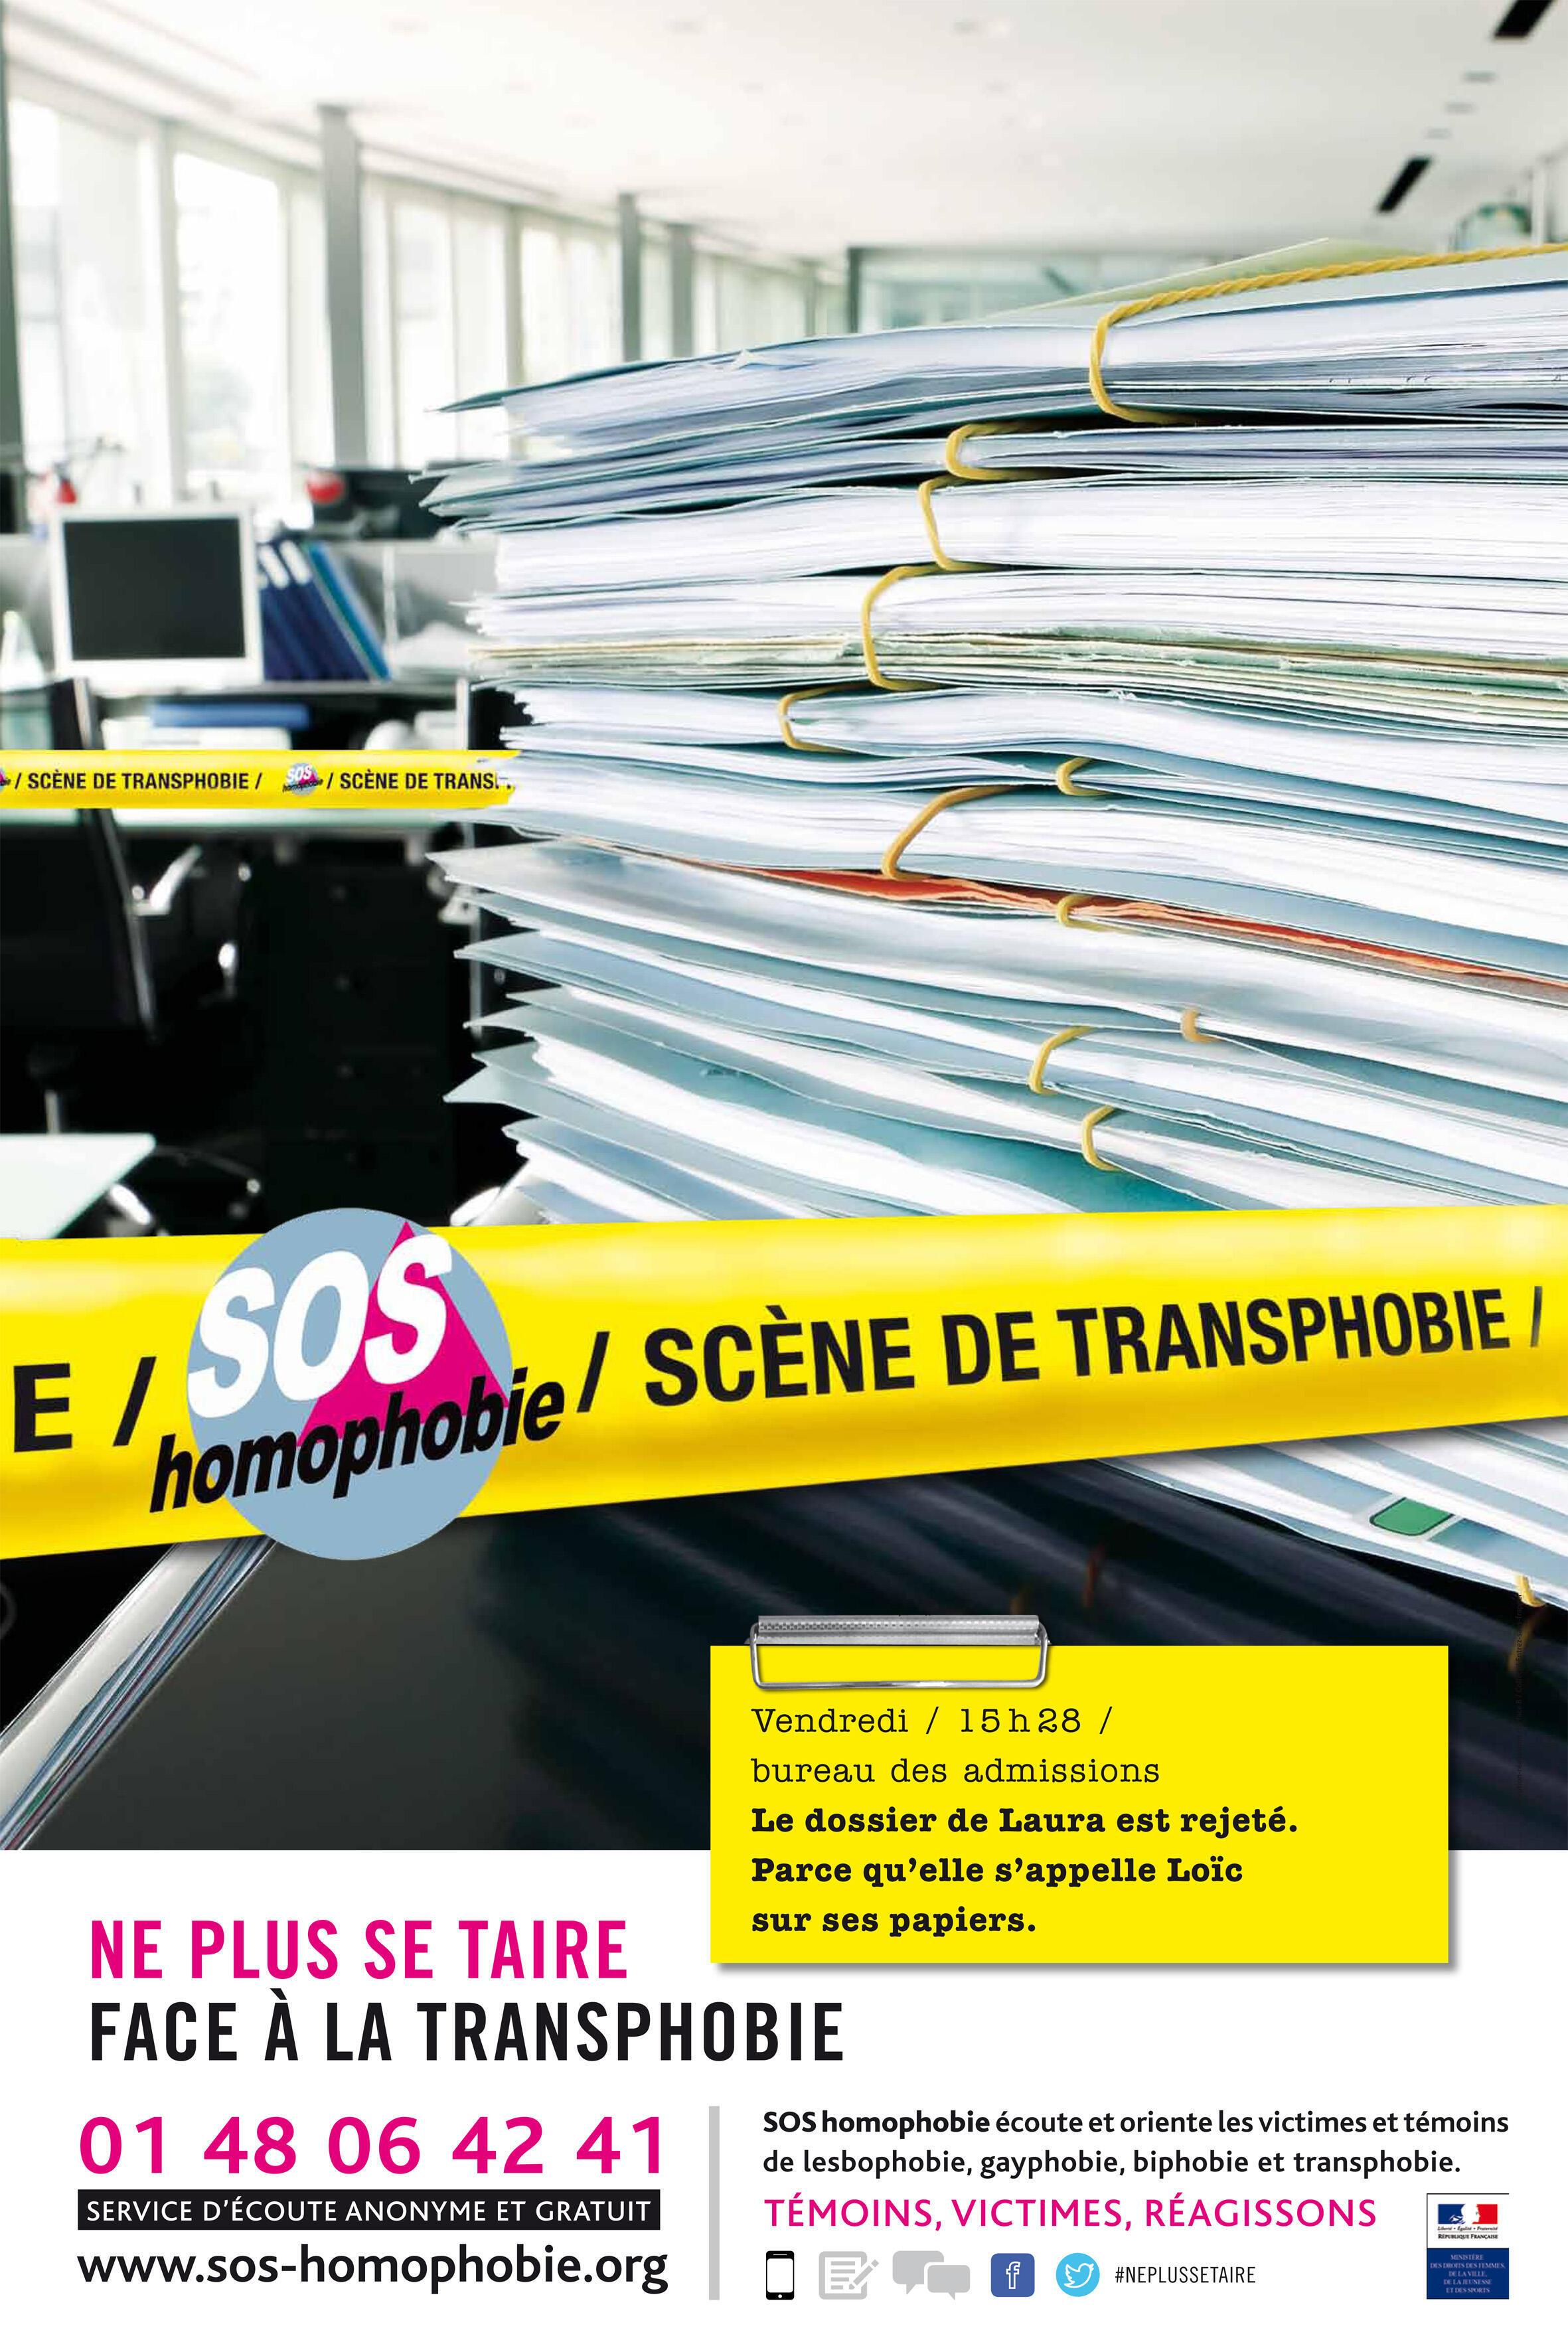 Affoiche d'une campagne de l'association SOS Homophobie pour dénoncer les discriminations dont sont victimes les transsexuels et transgenres.